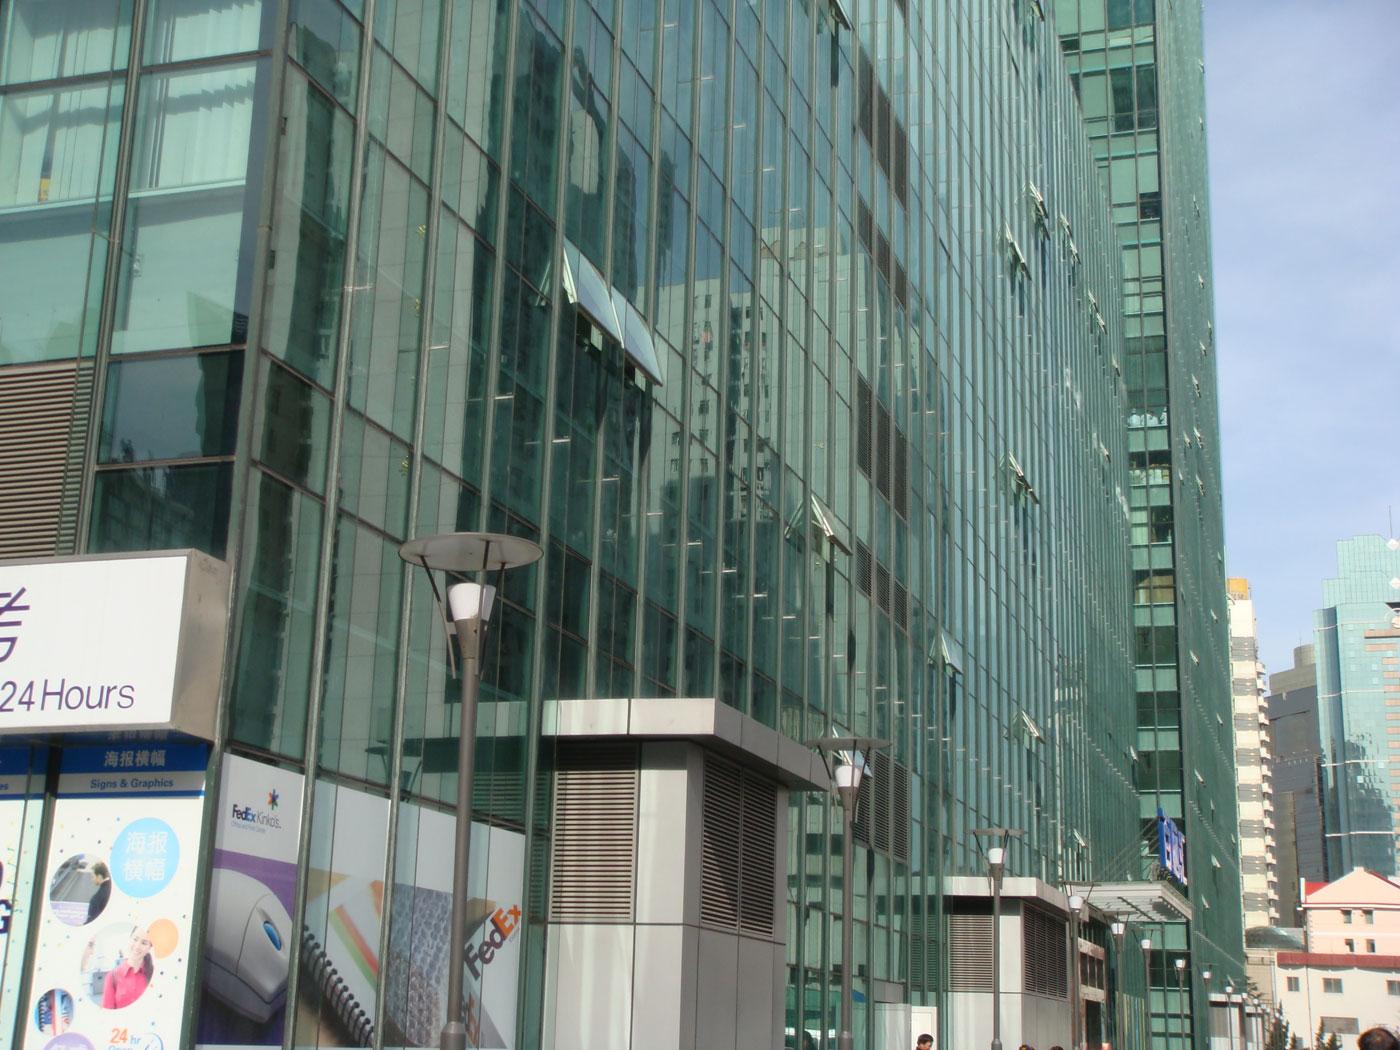 中融恒瑞国际大厦外观图